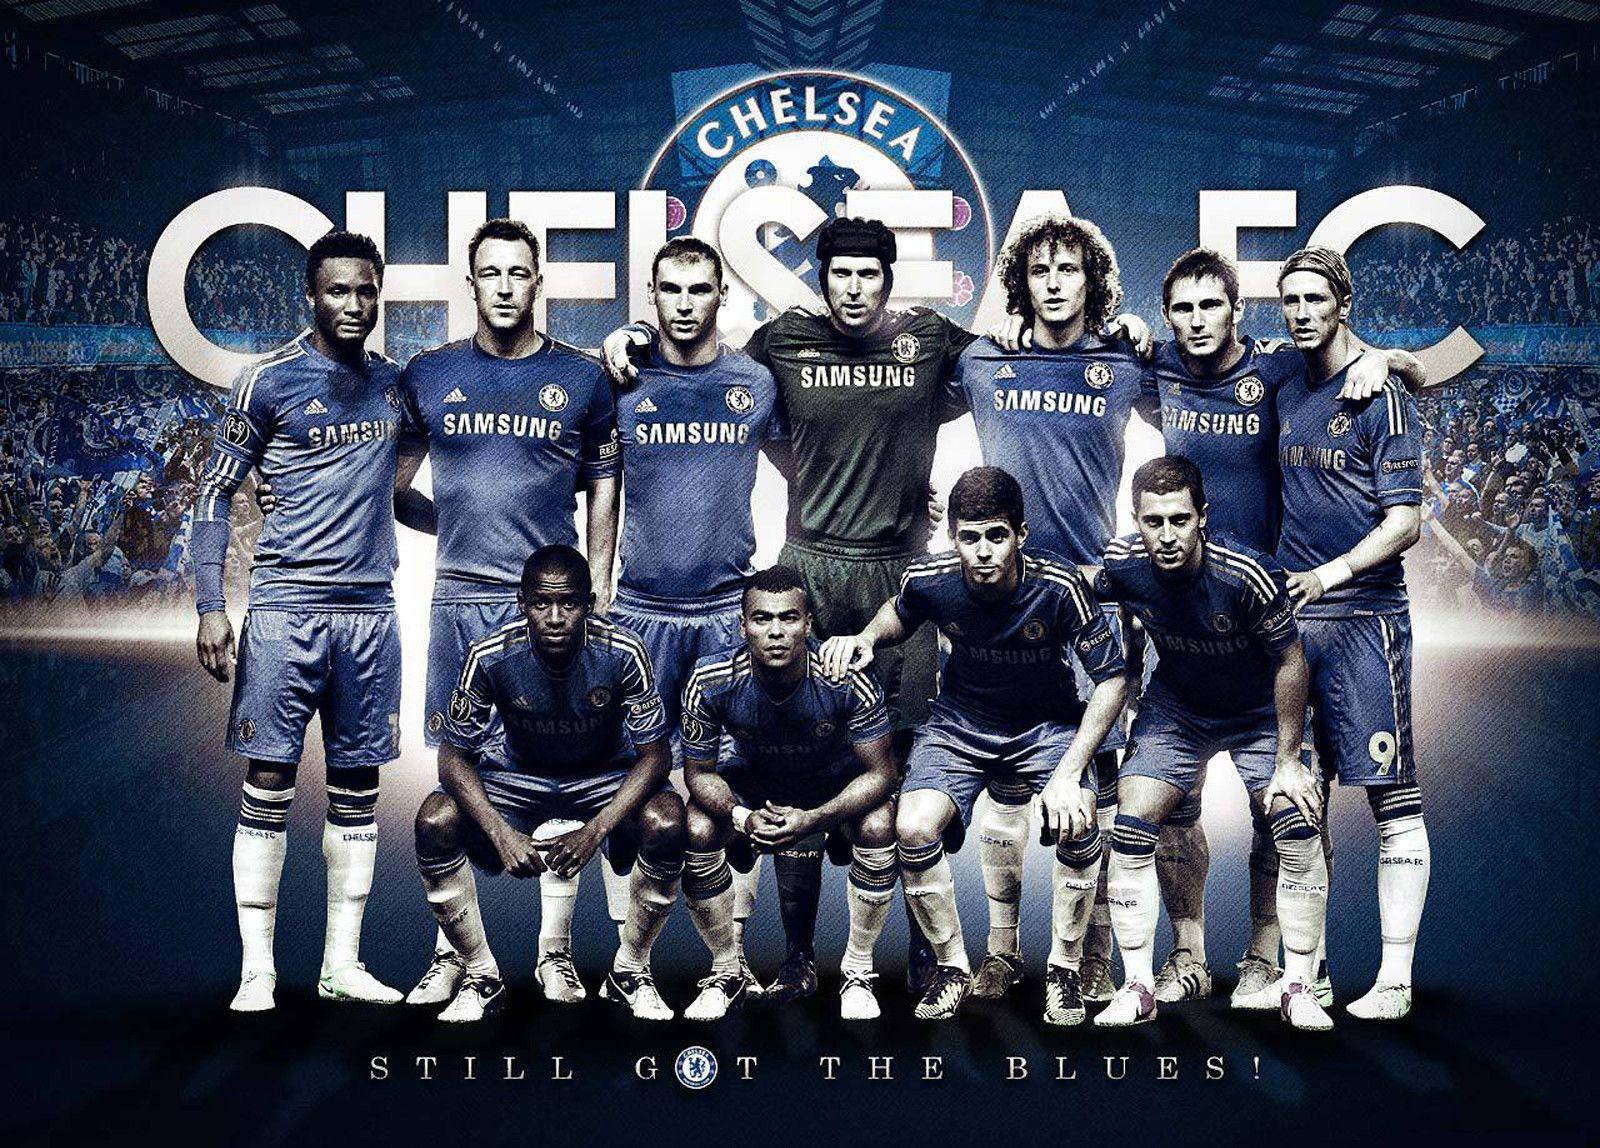 [49+] Chelsea Fc Wallpaper 2015 On WallpaperSafari